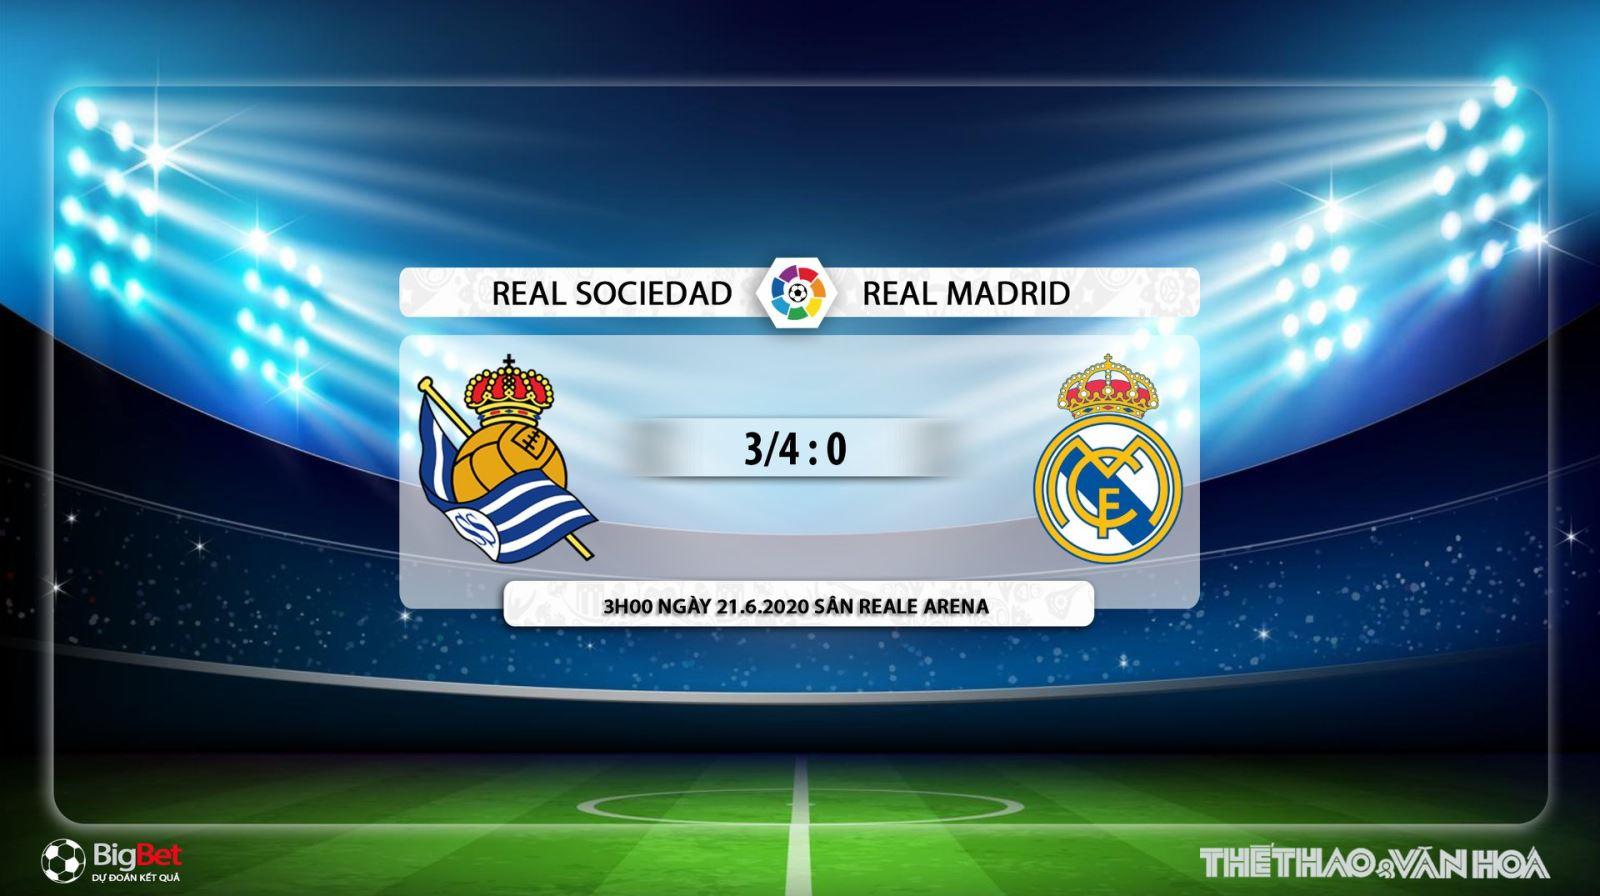 Real Sociedad vs Real Madrid, Real Madrid, Real Sociedad, trực tiếp bóng đá, soi kèo, kèo bóng đá, bóng đá hôm nay, lịch thi đấu